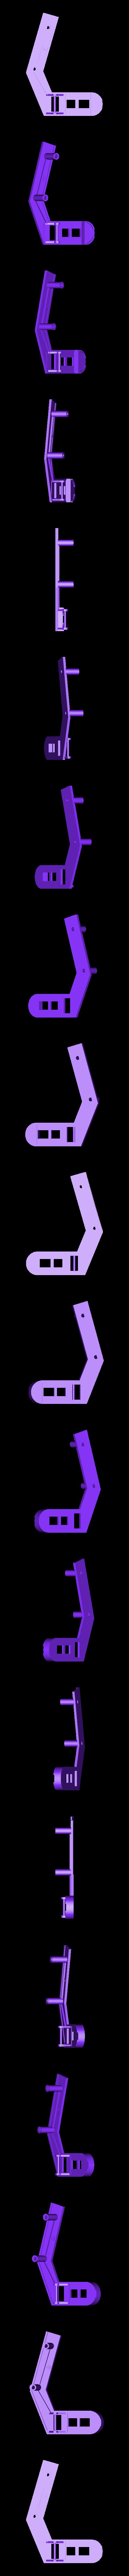 mousetrap-base-3.stl Télécharger fichier STL gratuit TortureTrap : une extension du piège à souris • Objet pour impression 3D, mrhers2